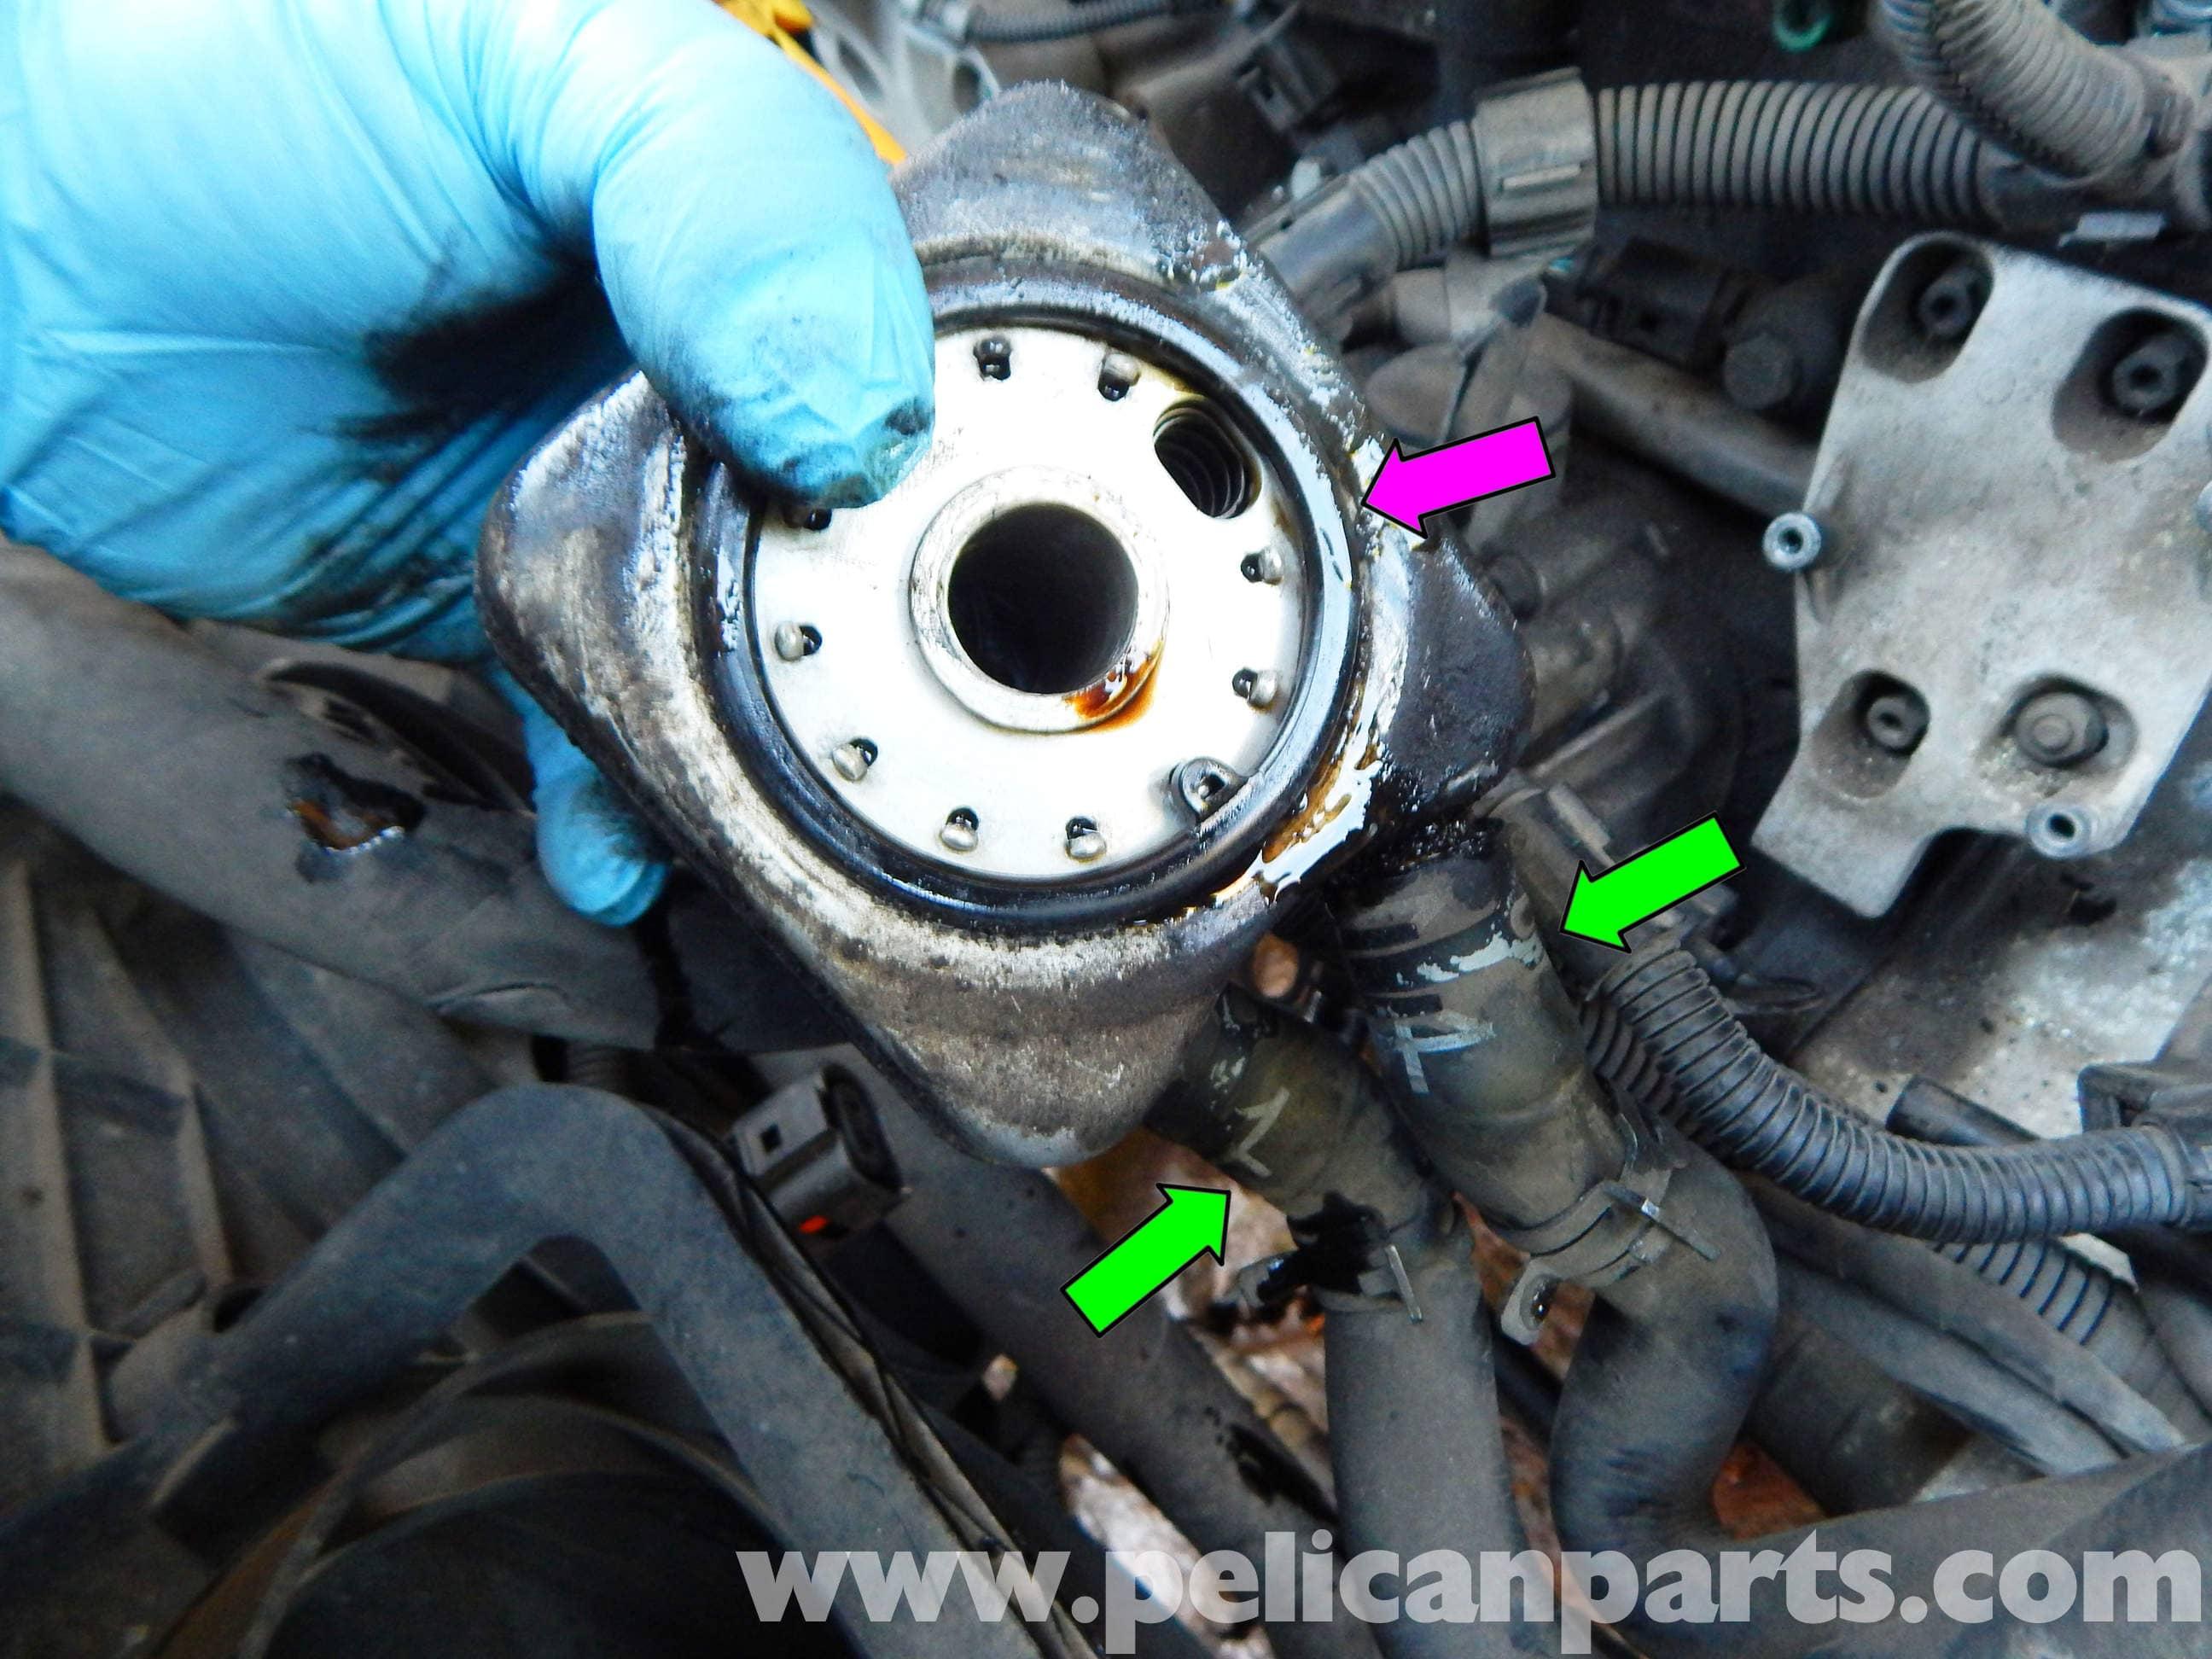 volkswagen jetta mk oil cooler replacement jetta mk    pelican parts diy